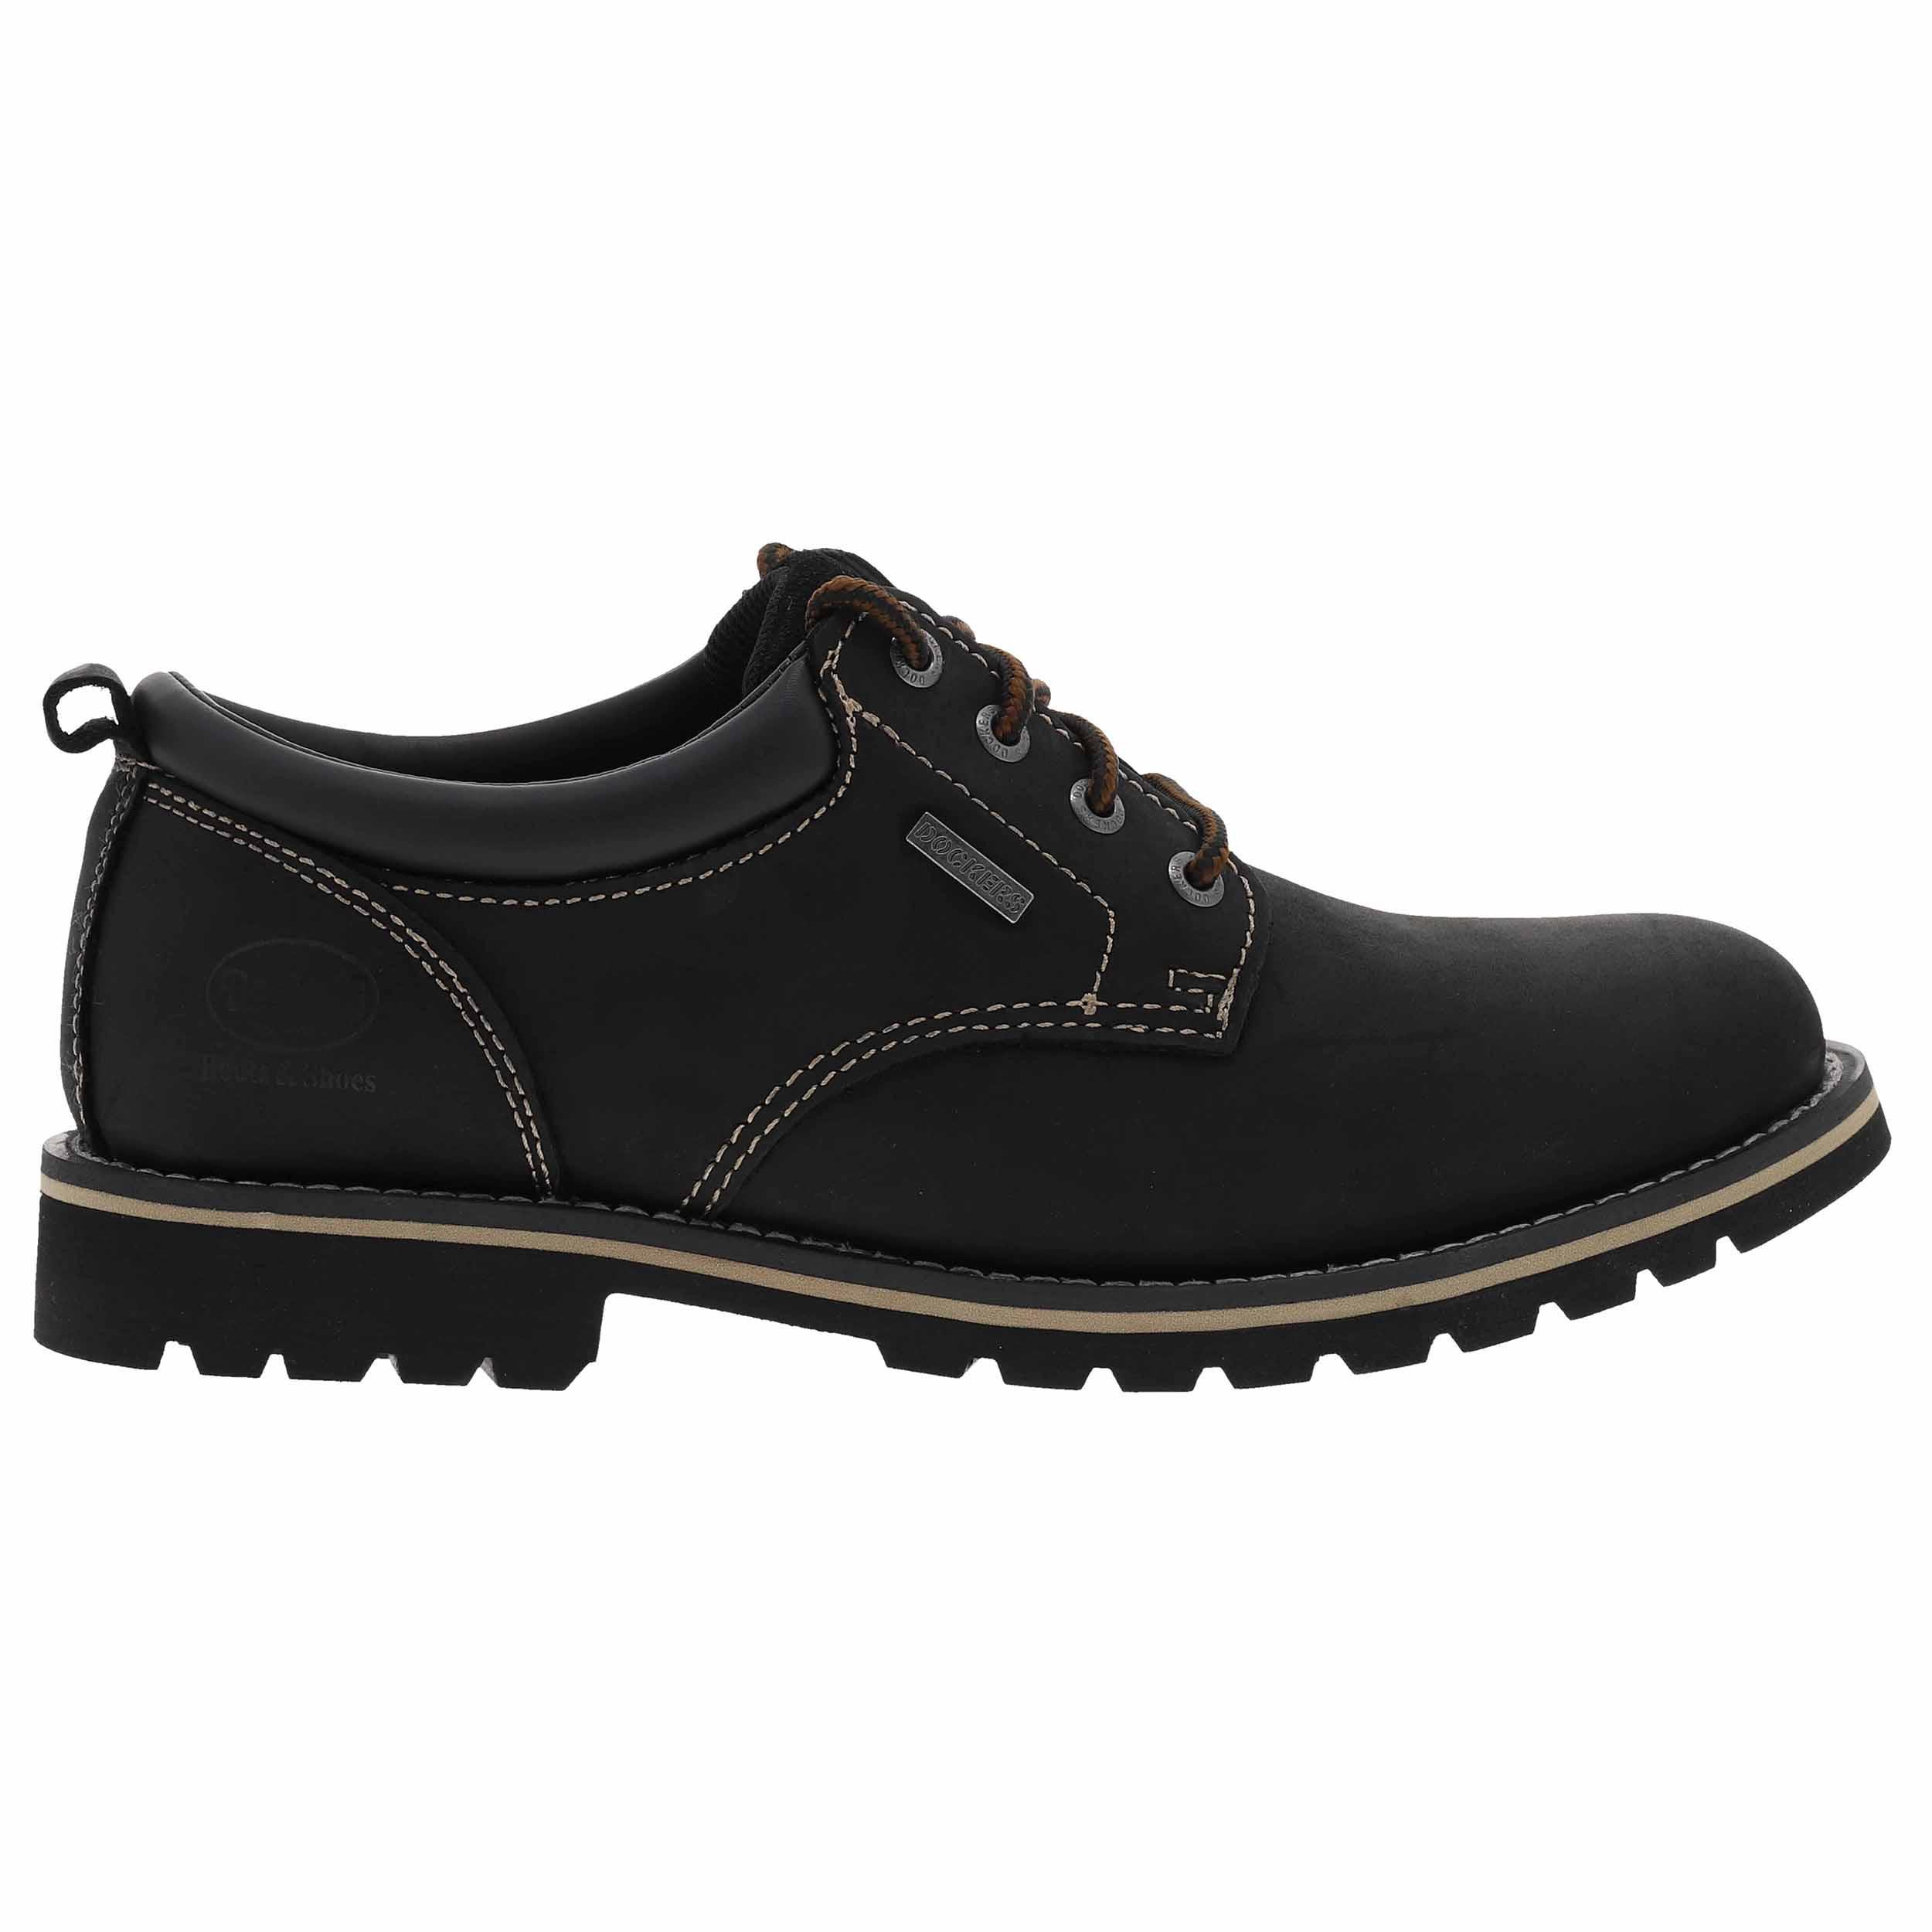 Chaussures  en cuir noir à surpiqures beiges